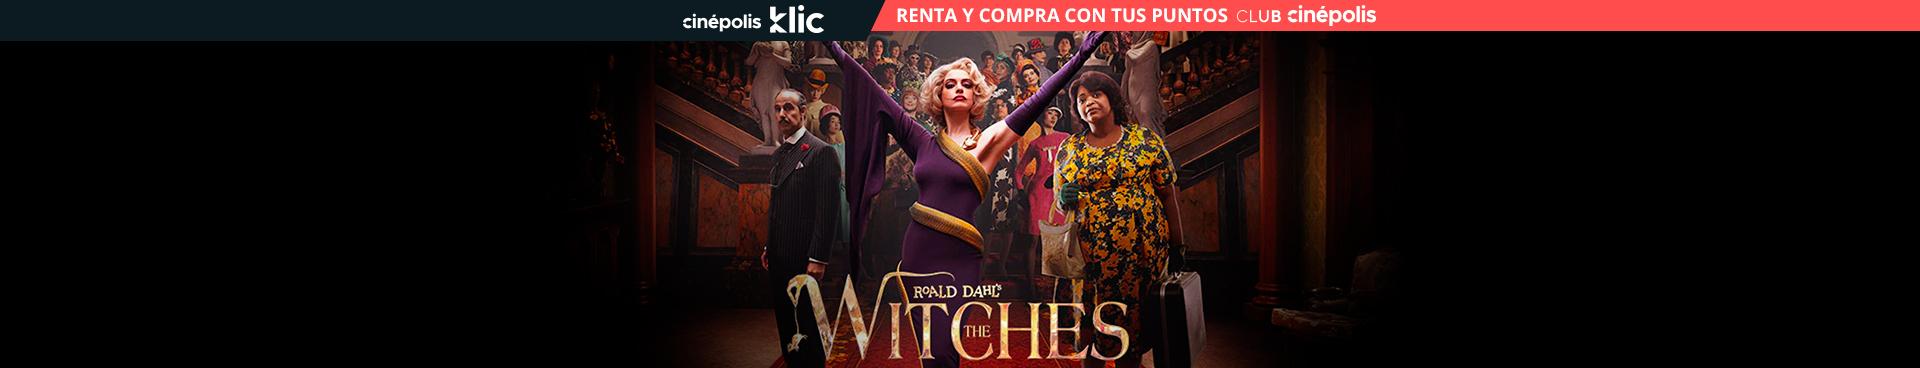 Klic Las Brujas